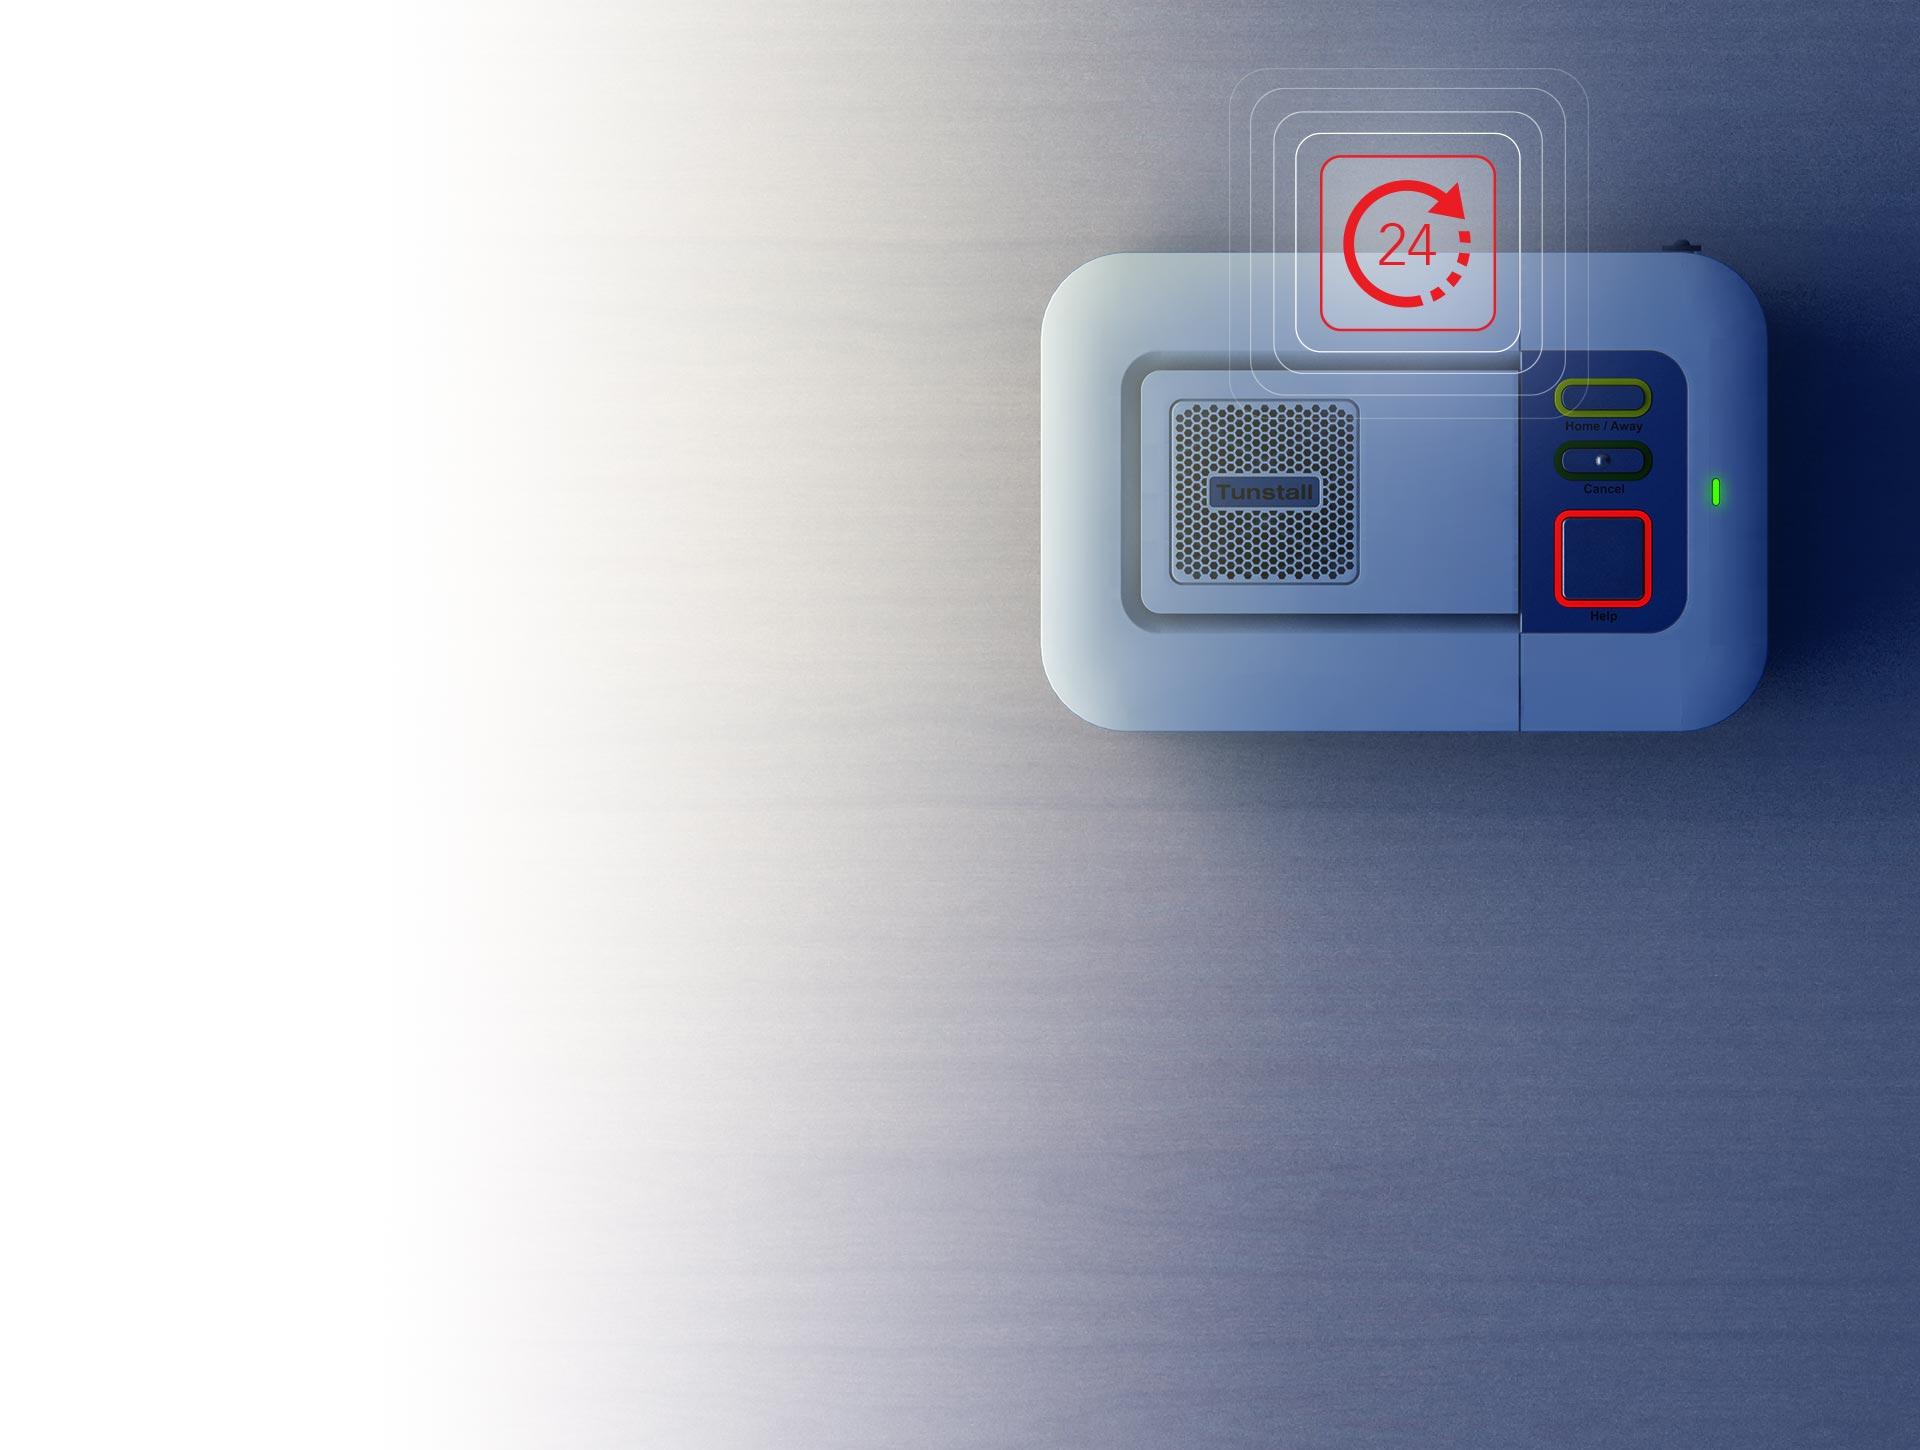 Tunstall Smart Hub